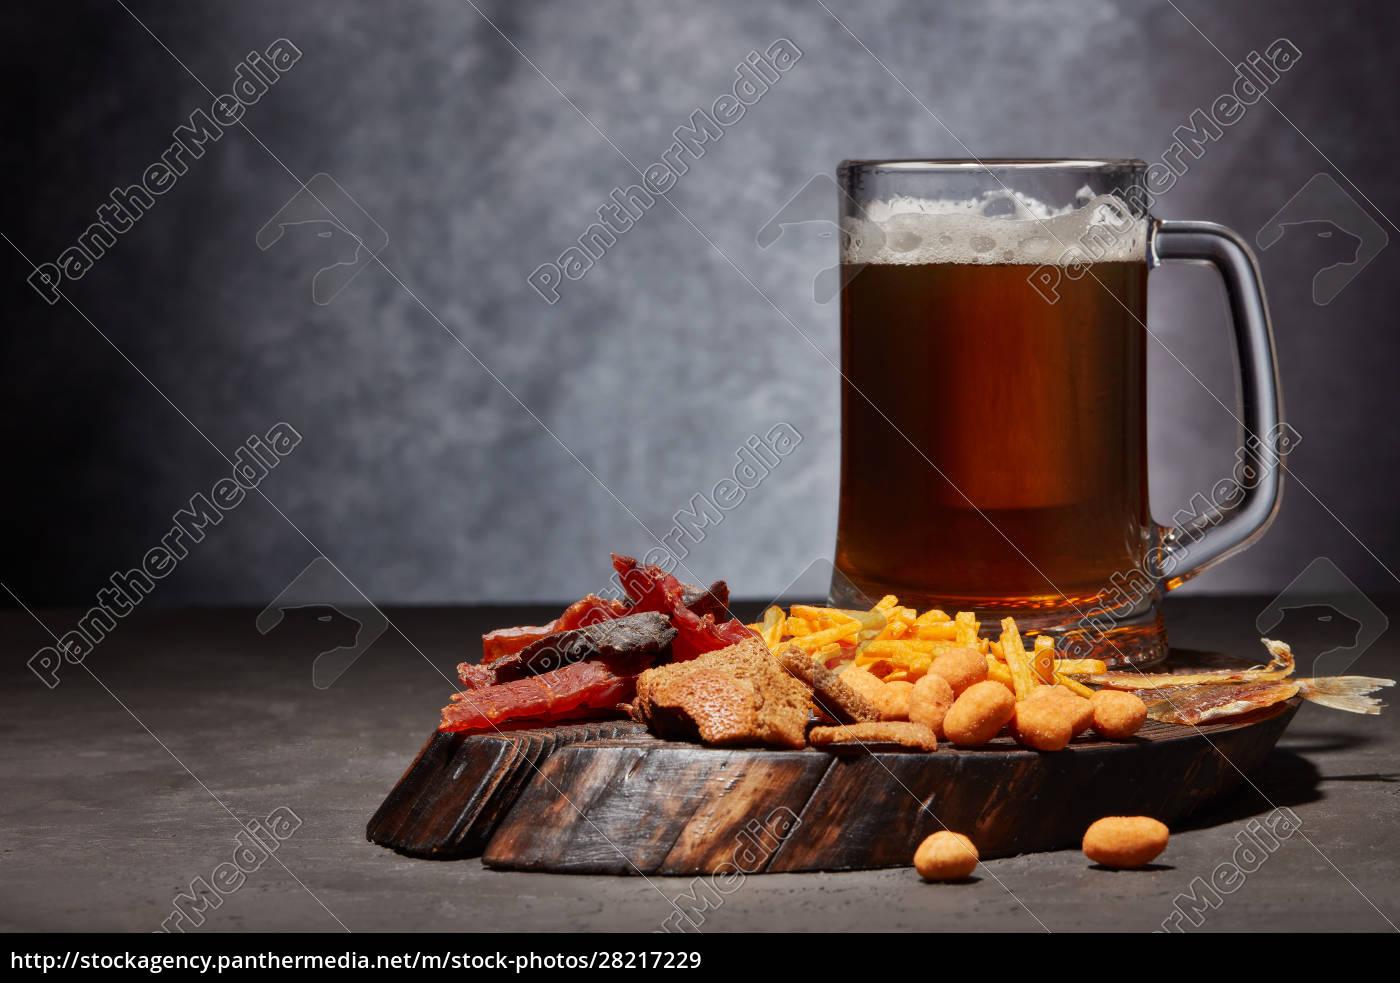 glass, mug, with, beer, and, snacks - 28217229